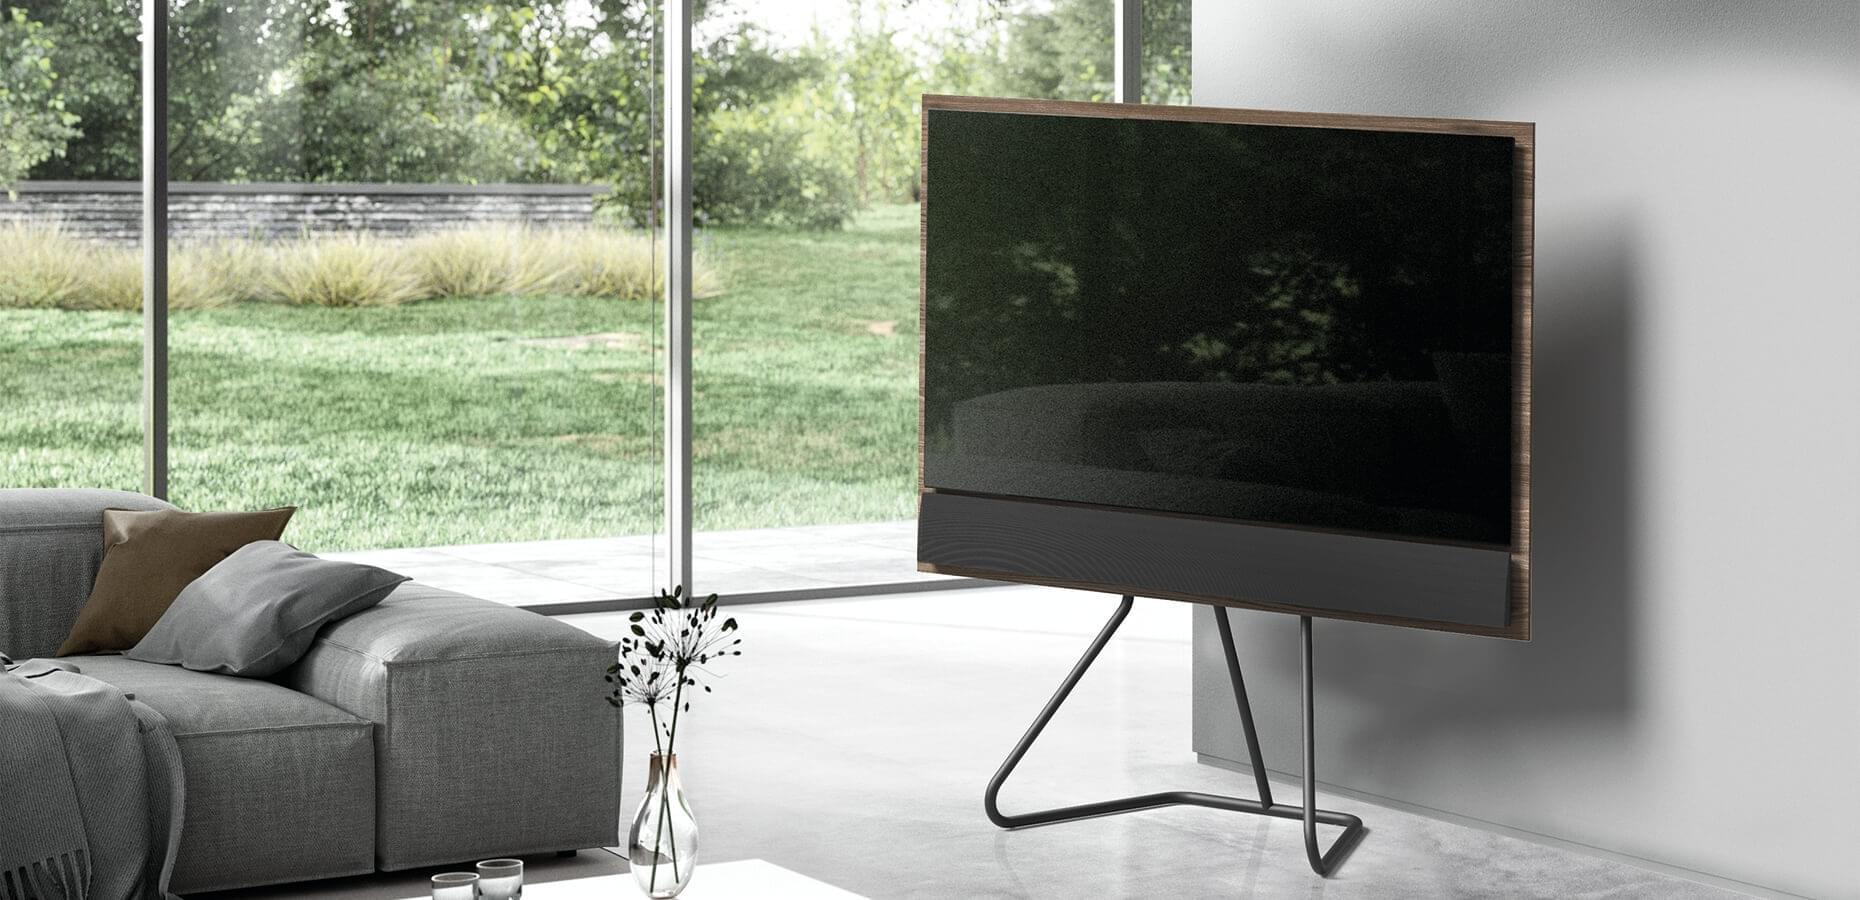 Spectral Tube GX31SP-55 TV-Ständer für LG GX Gallery Design TV